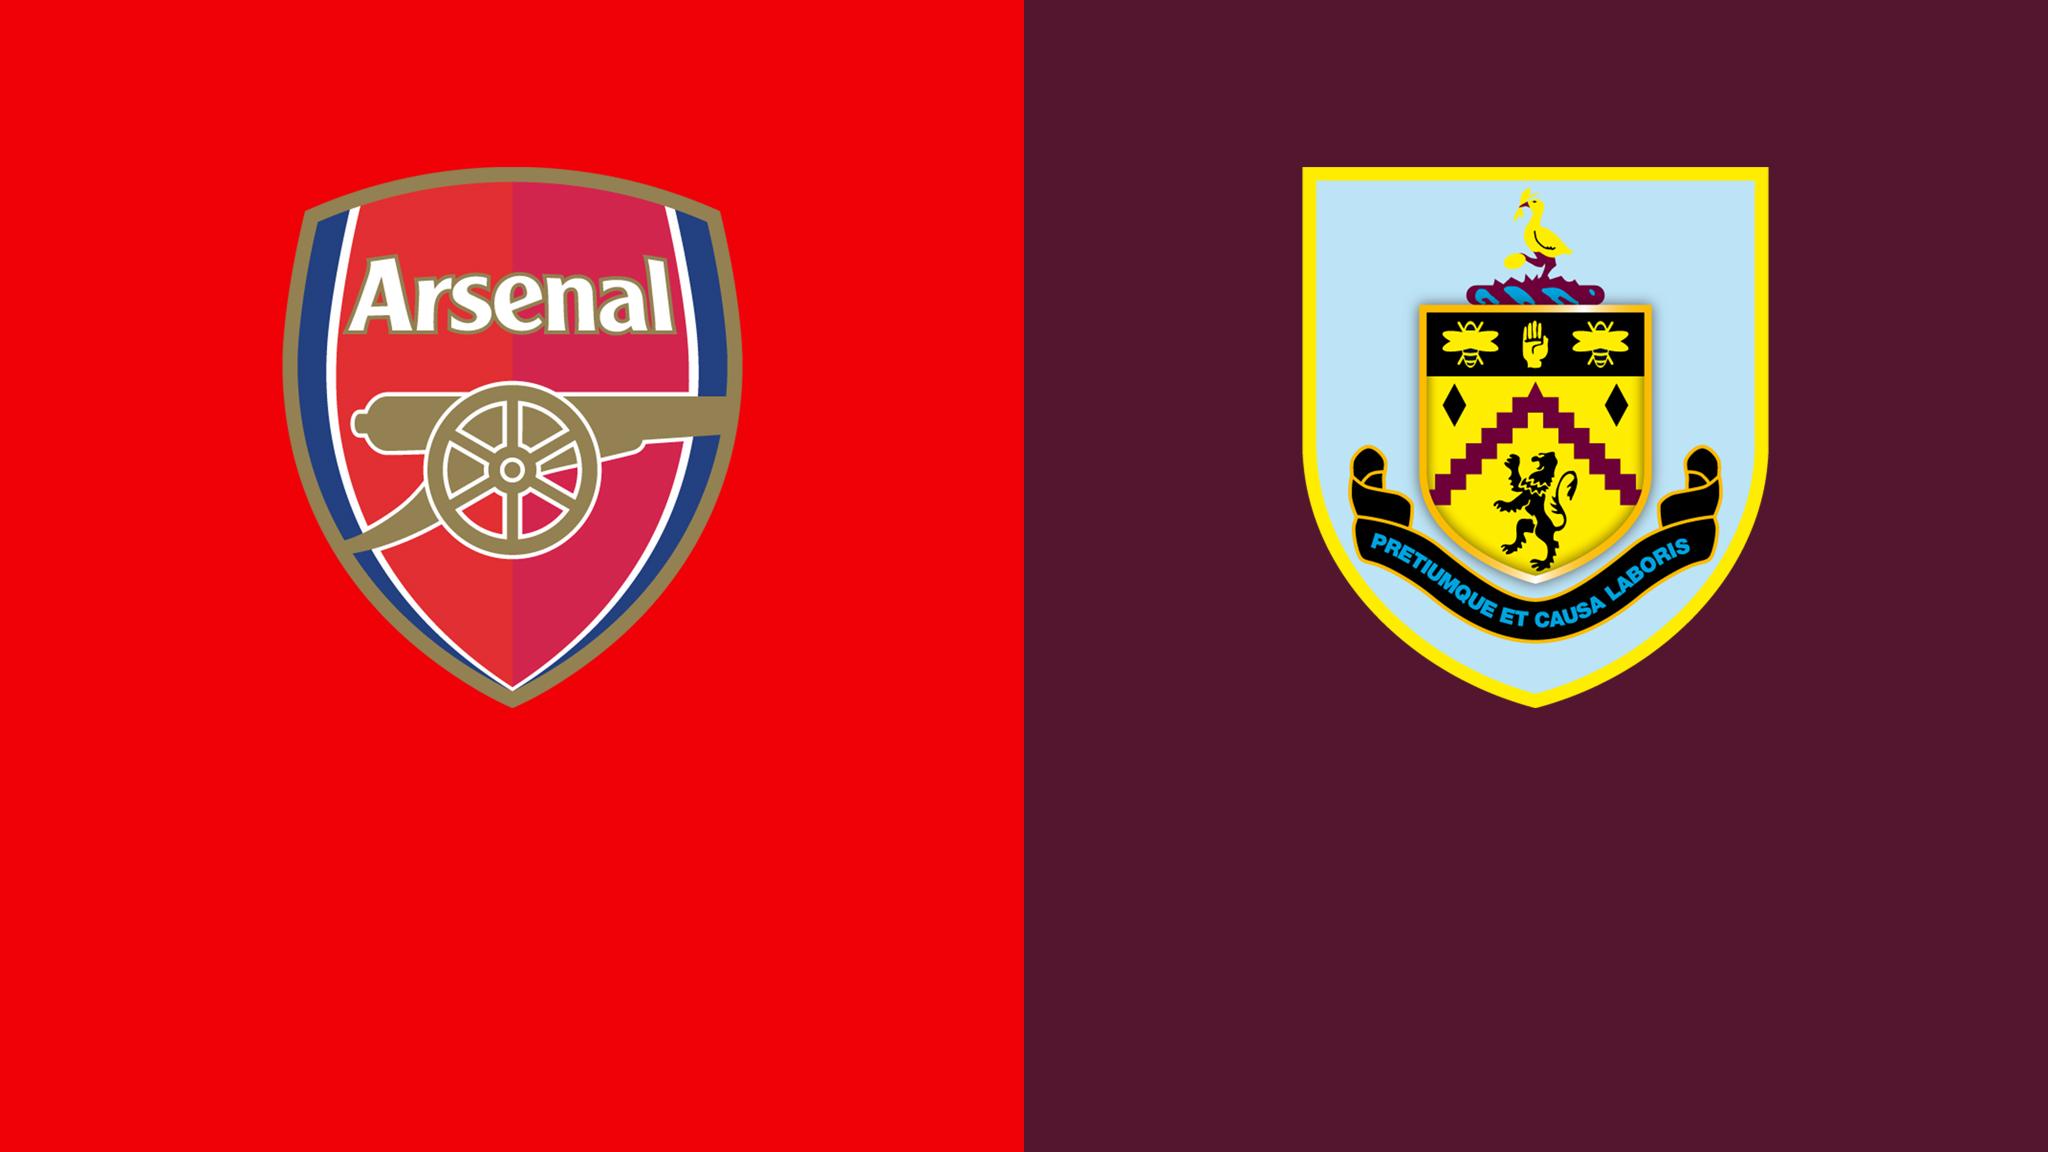 موعد مباراة أرسنال ضد بيرنلي والقنوات الناقلة اليوم 13-12-2020 في الدوري الإنجليزي الممتاز